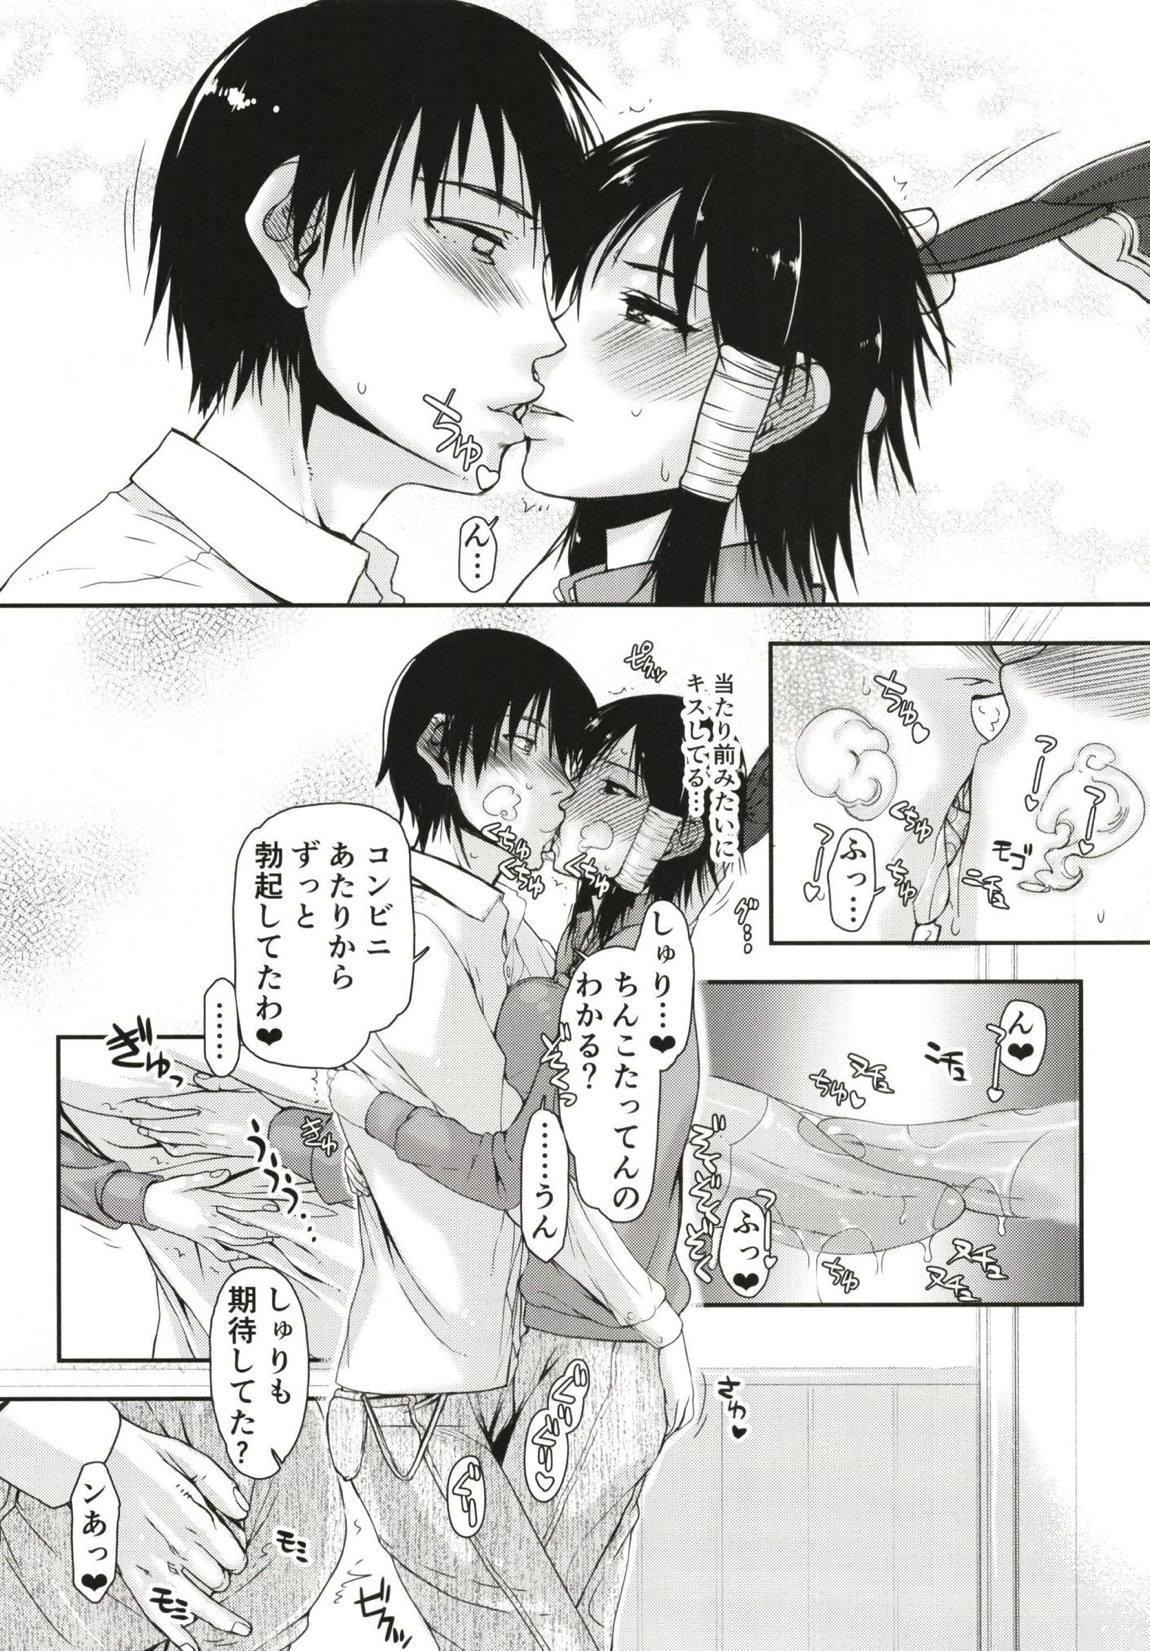 Komori-san no Kotowarikata 03 4